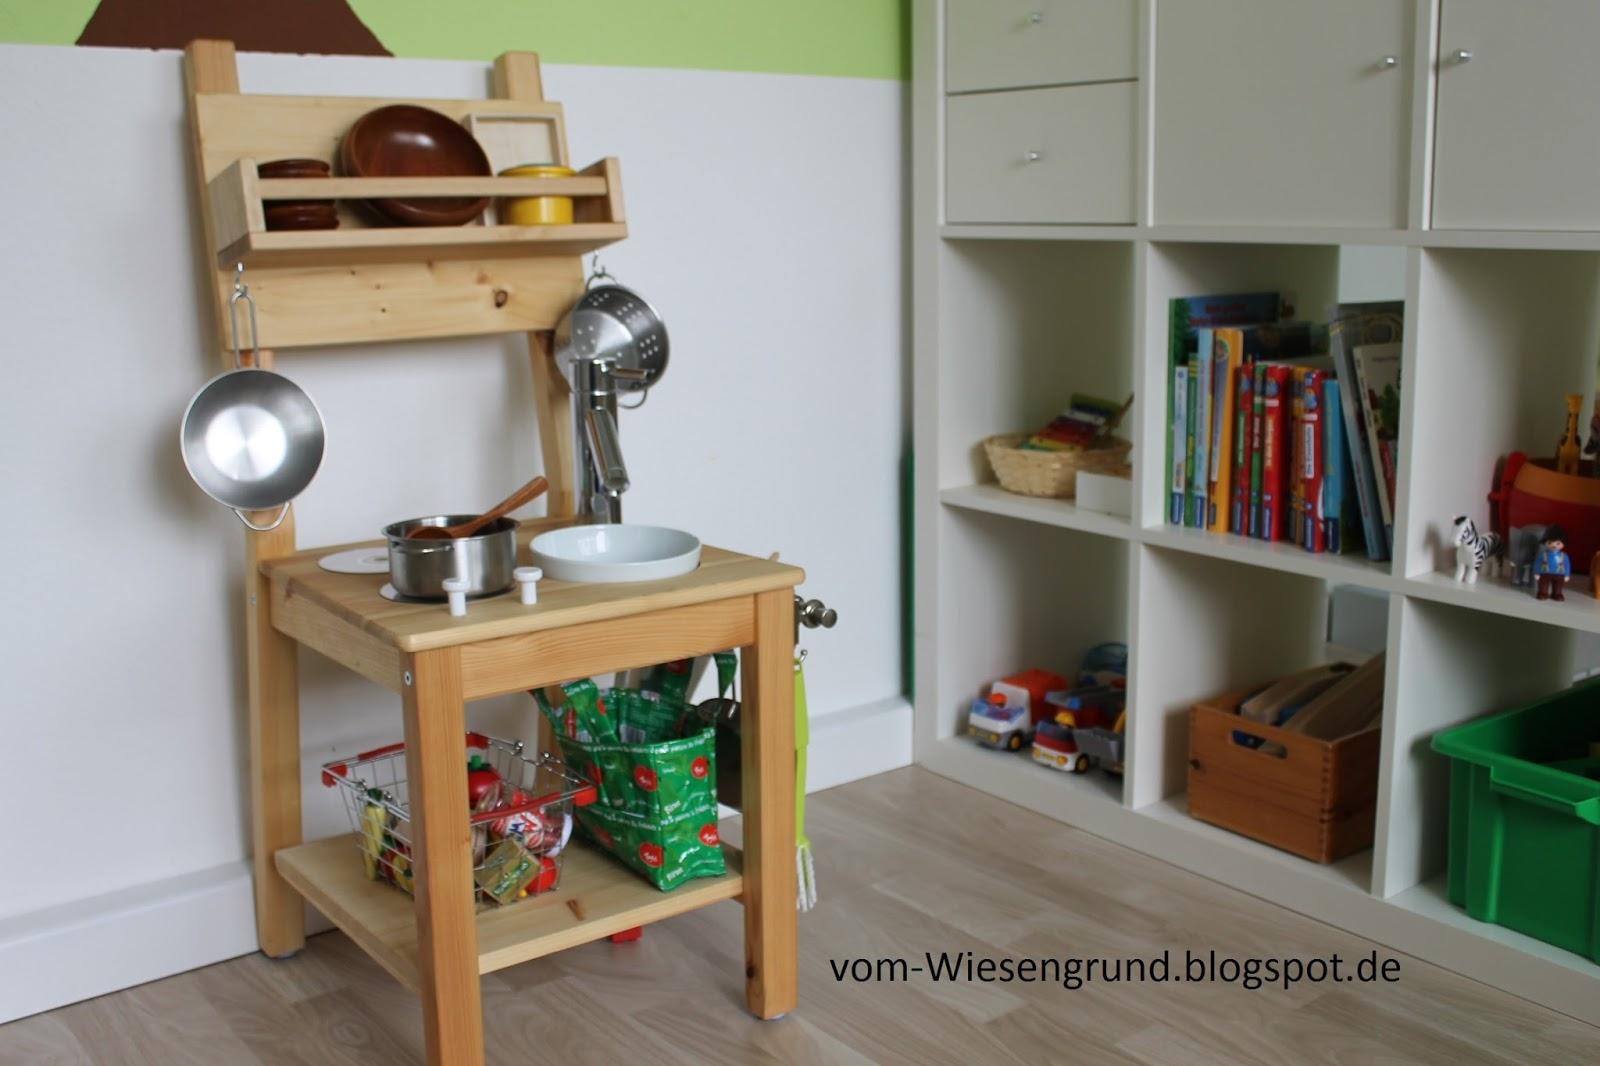 Küche Ikea Kind. Klebefolie Weiß Küche Ikea Hochglanz Spritzschutz ...